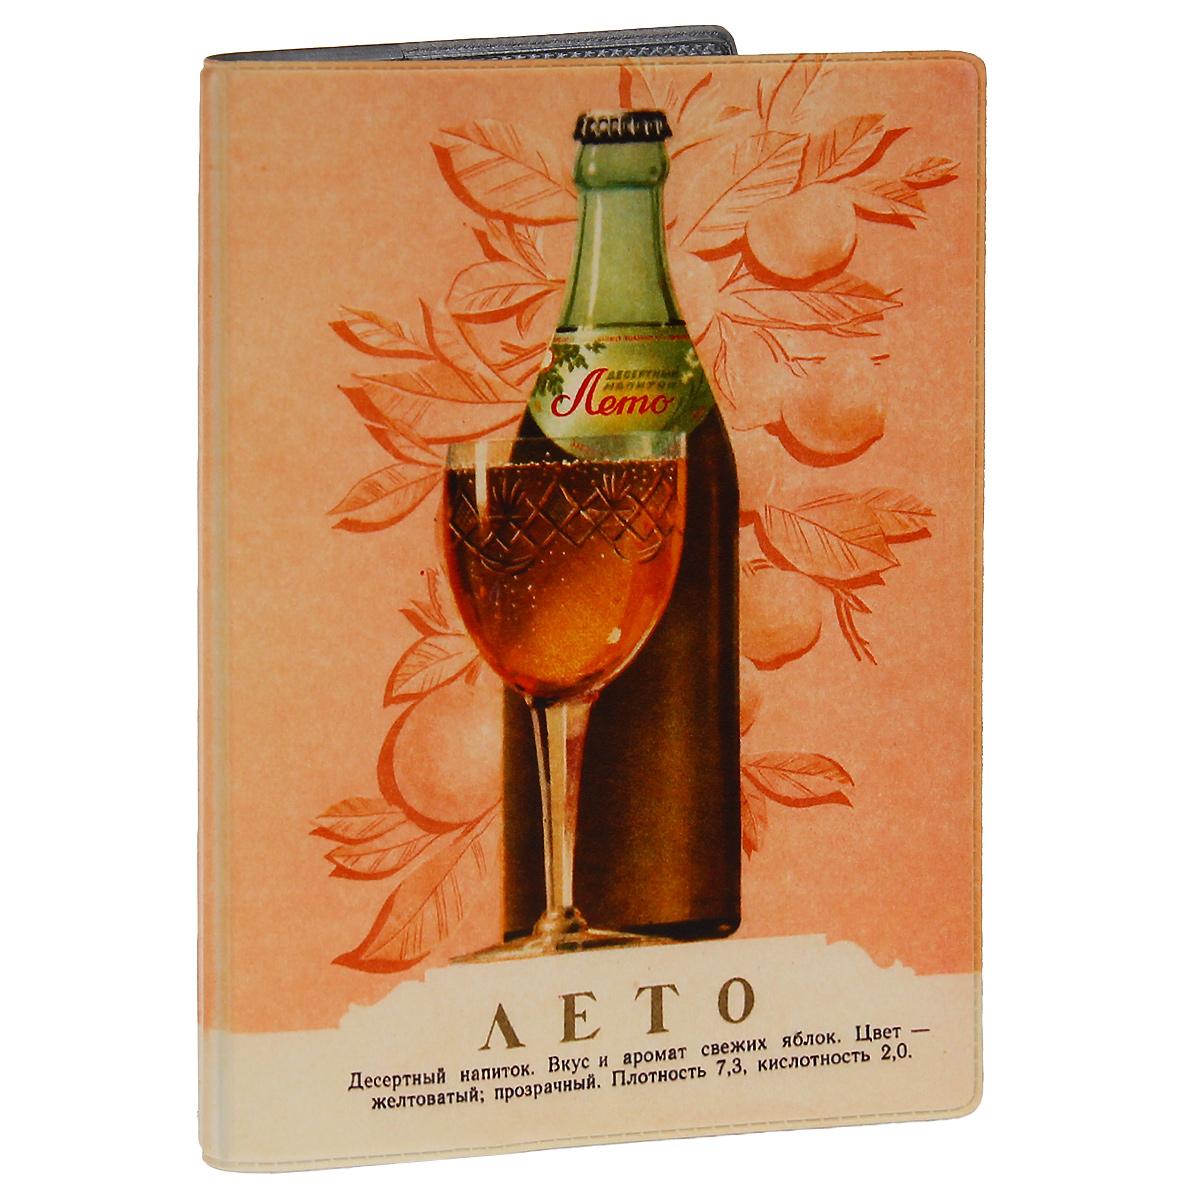 Обложка для паспорта Лето. OZAM272O.1.-13. красныйОбложка для паспорта Mitya Veselkov Лето выполнена из прочного ПВХ и оформлена изображением бутылки Лето и бокалом с напитком. Такая обложка не только поможет сохранить внешний вид ваших документов и защитит их от повреждений, но и станет стильным аксессуаром, идеально подходящим вашему образу.Яркая и оригинальная обложка подчеркнет вашу индивидуальность и изысканный вкус. Обложка для паспорта стильного дизайна может быть достойным и оригинальным подарком.